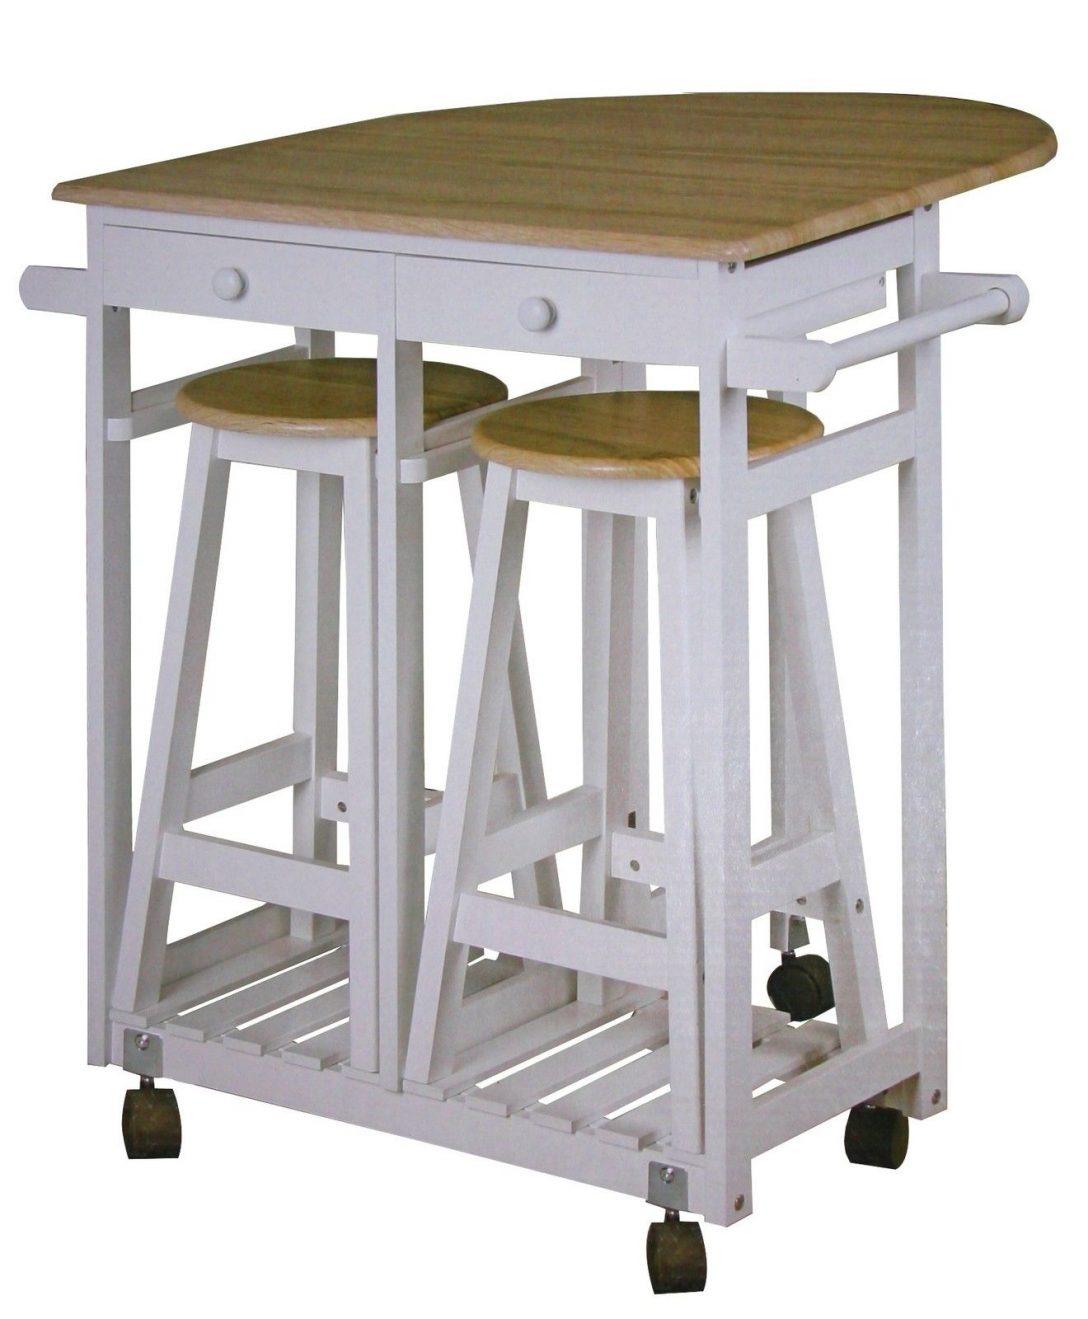 Large Size of Küche Mit Bar Kchenbar Auf Rollen 2 Hocker Kchentisch Tresen Tisch Betten Aufbewahrung U Form Ikea Sofa Schlaffunktion Kaufen Elektrogeräten Jalousieschrank Wohnzimmer Küche Mit Bar